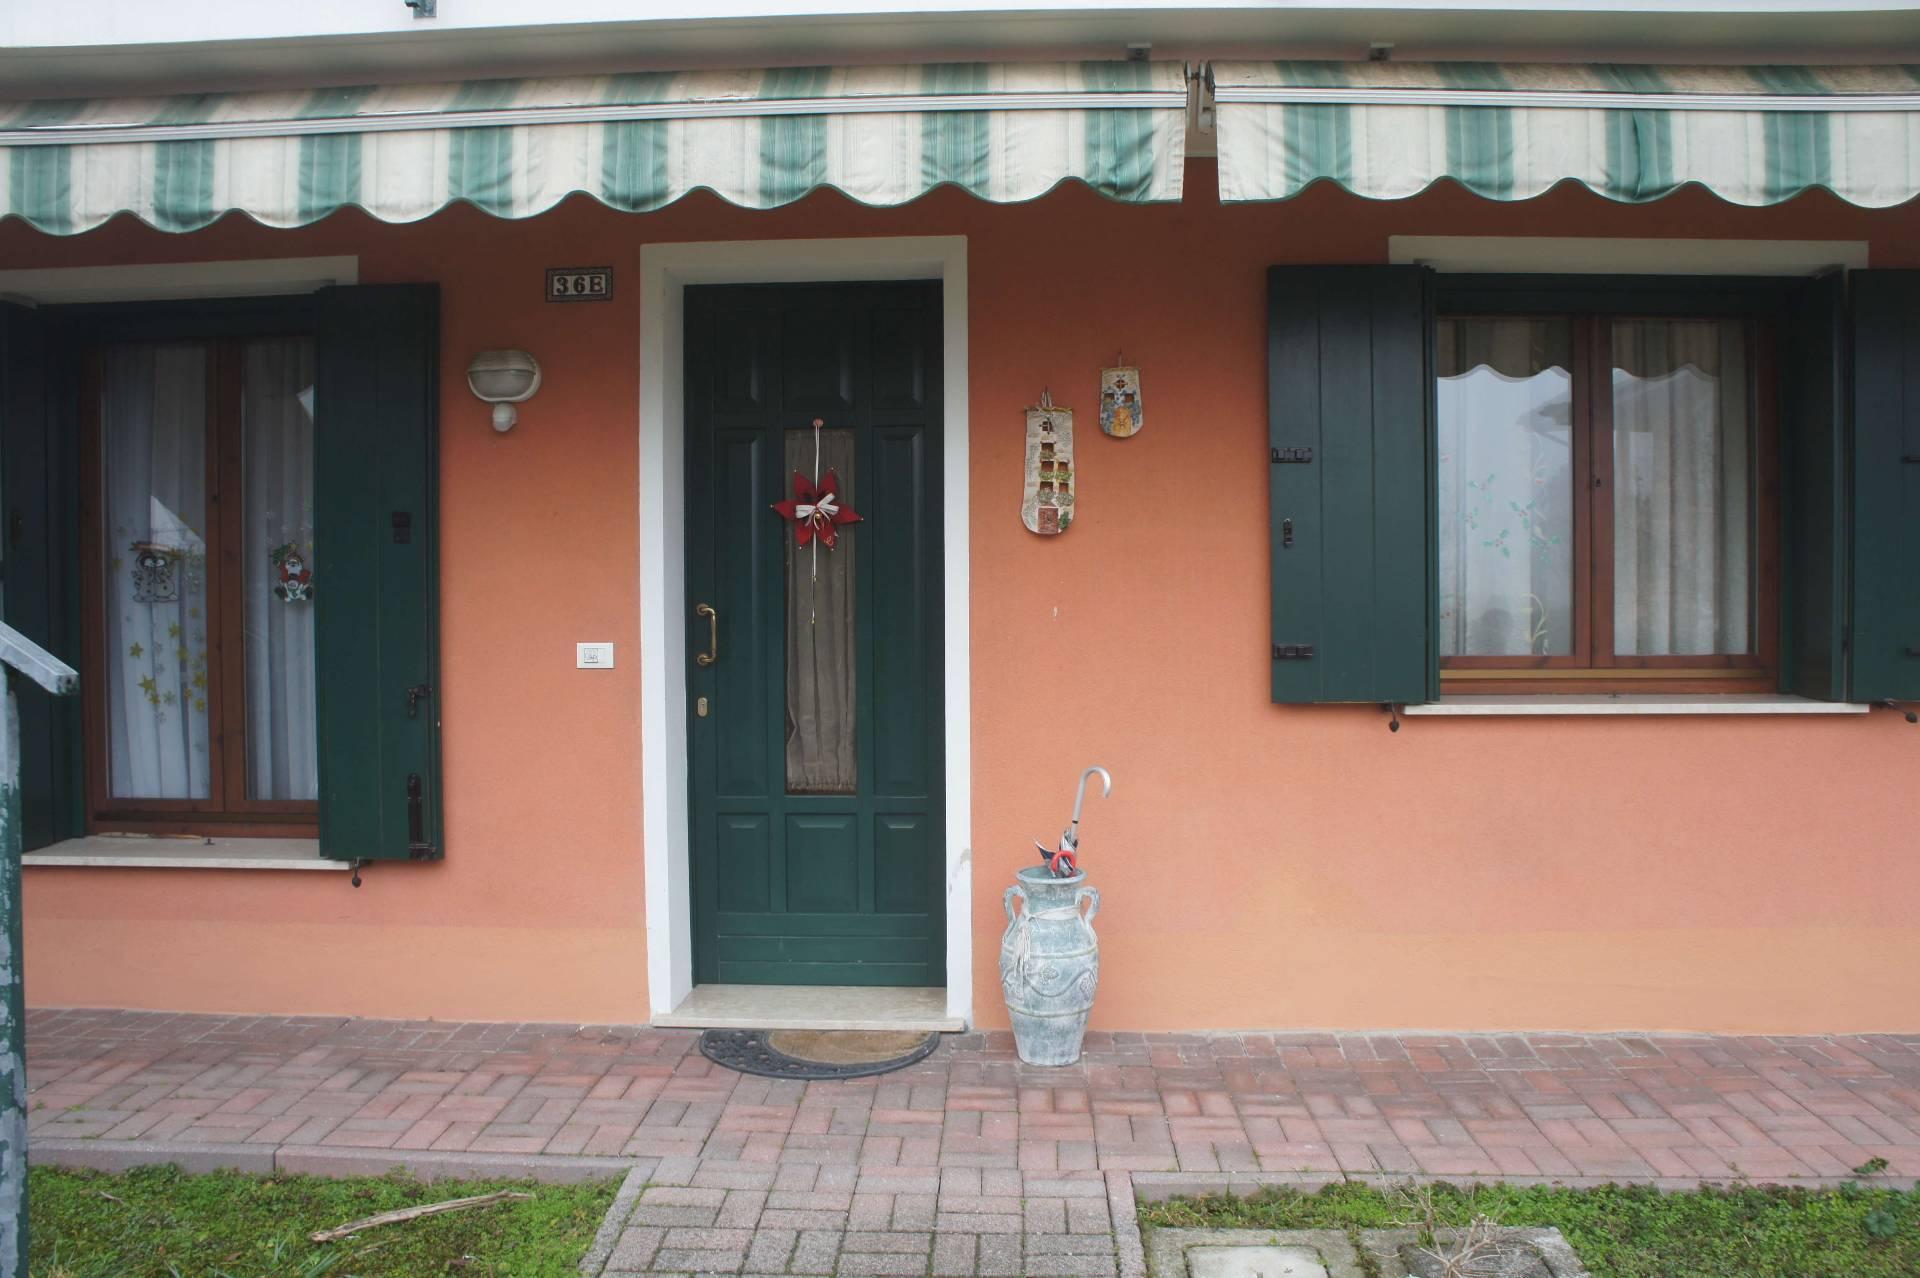 Appartamento in vendita a Meolo, 6 locali, zona Località: Centro, prezzo € 118.000 | Cambio Casa.it